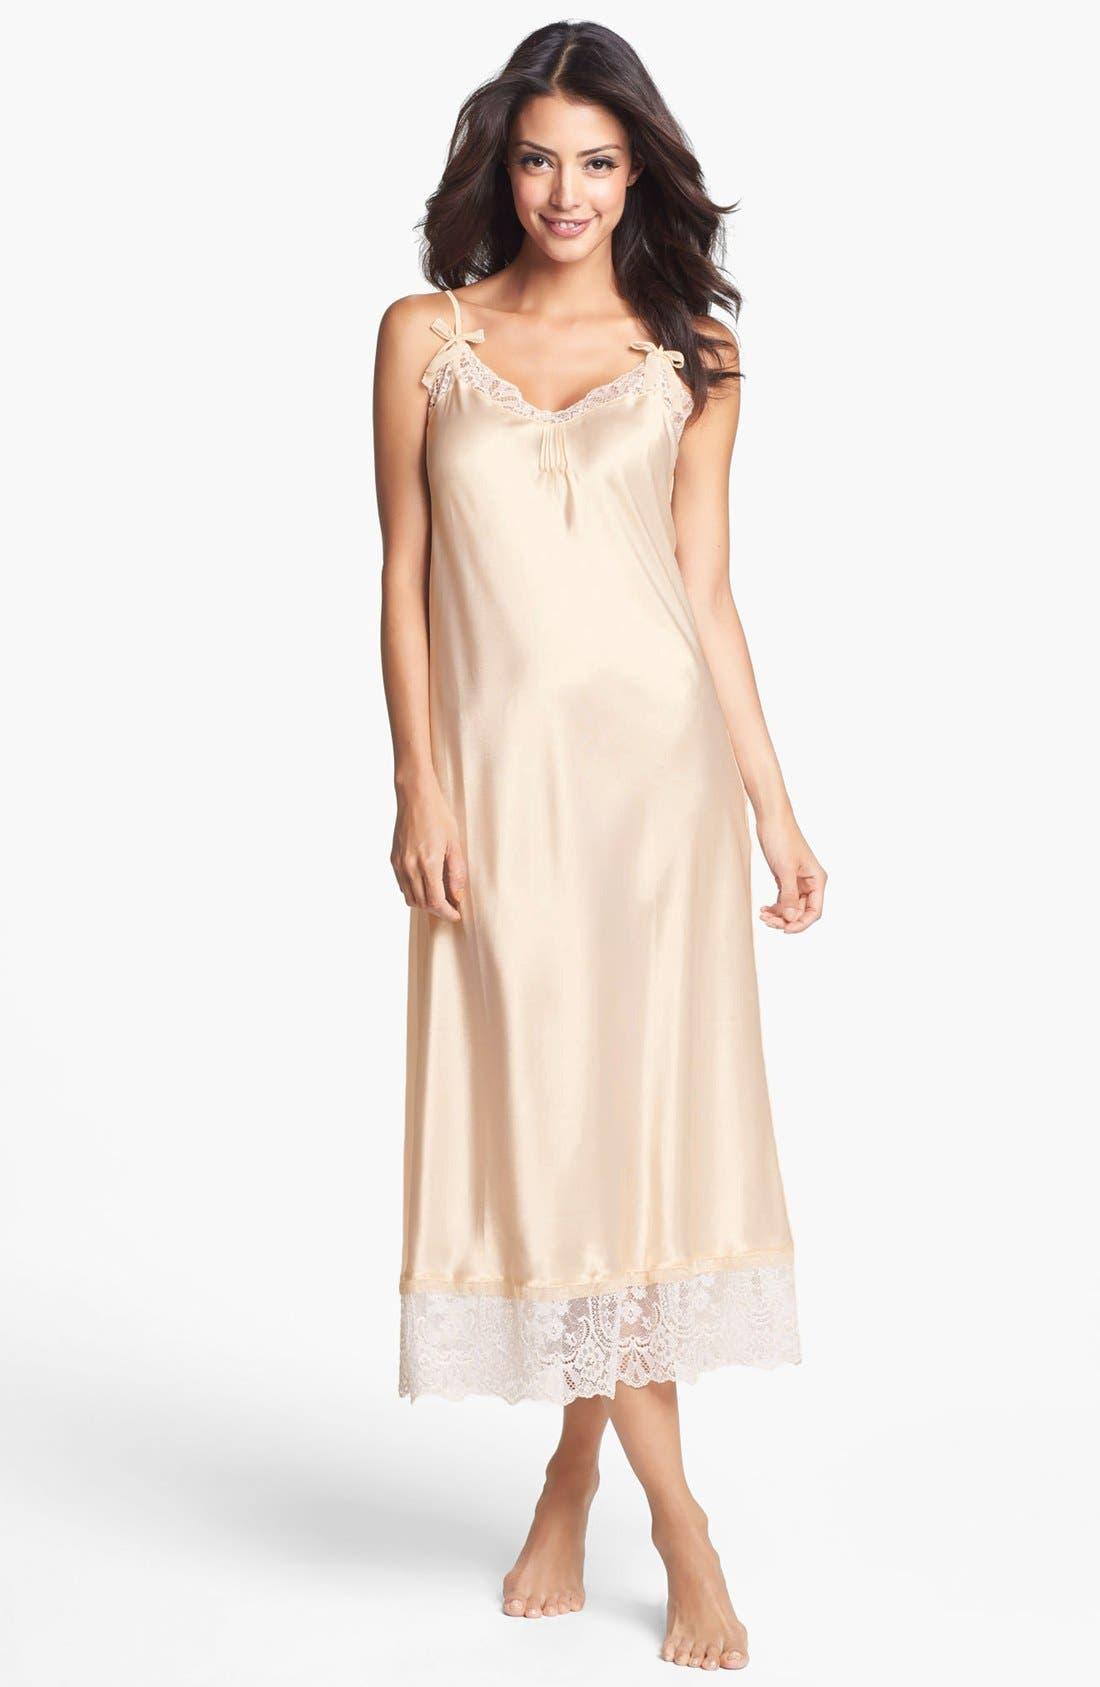 Main Image - Oscar de la Renta Sleepwear 'Timeless Romance' Nightgown